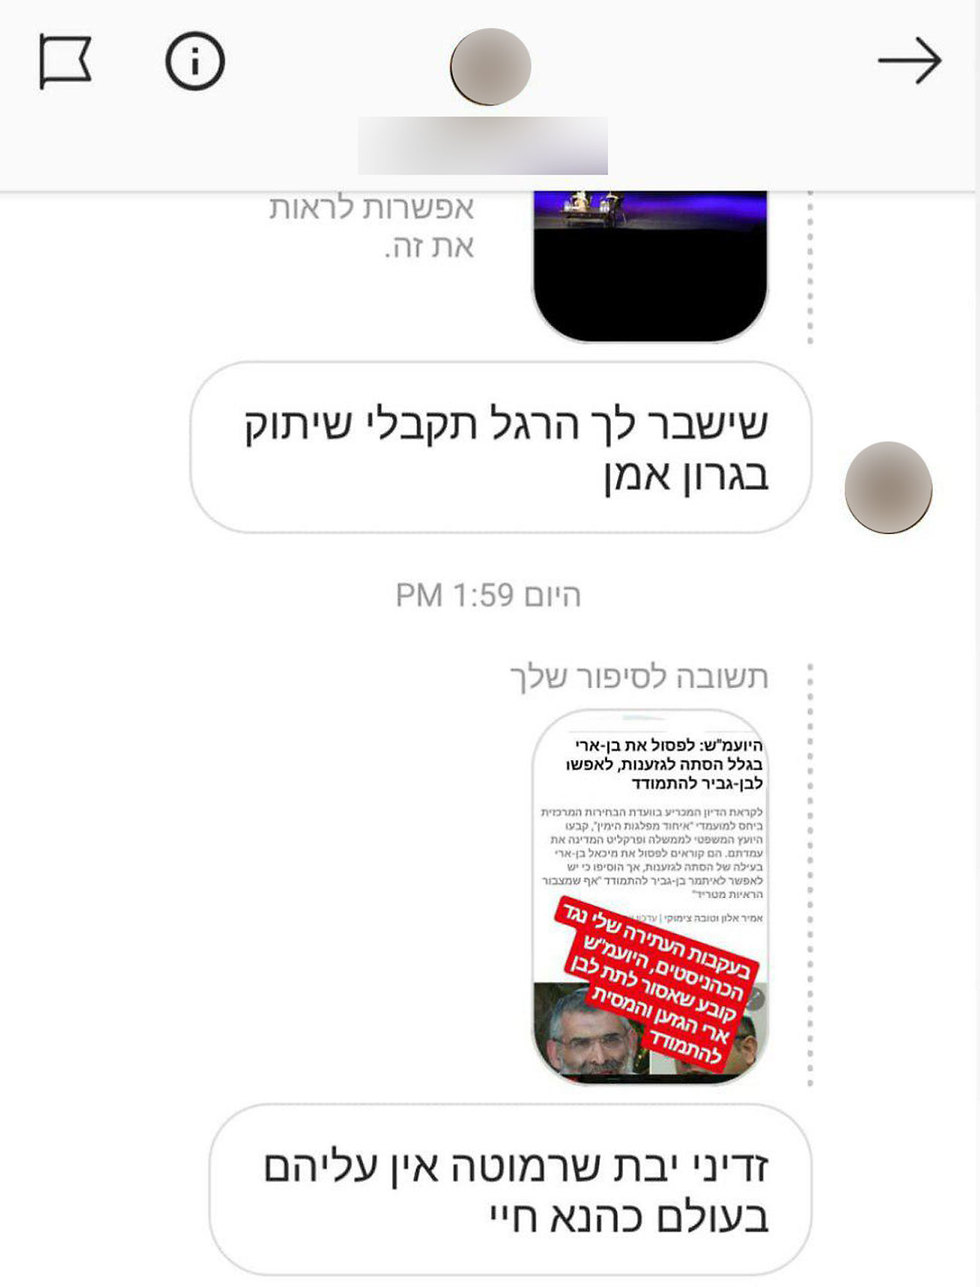 ההודעות נגד סתיו שפיר ()